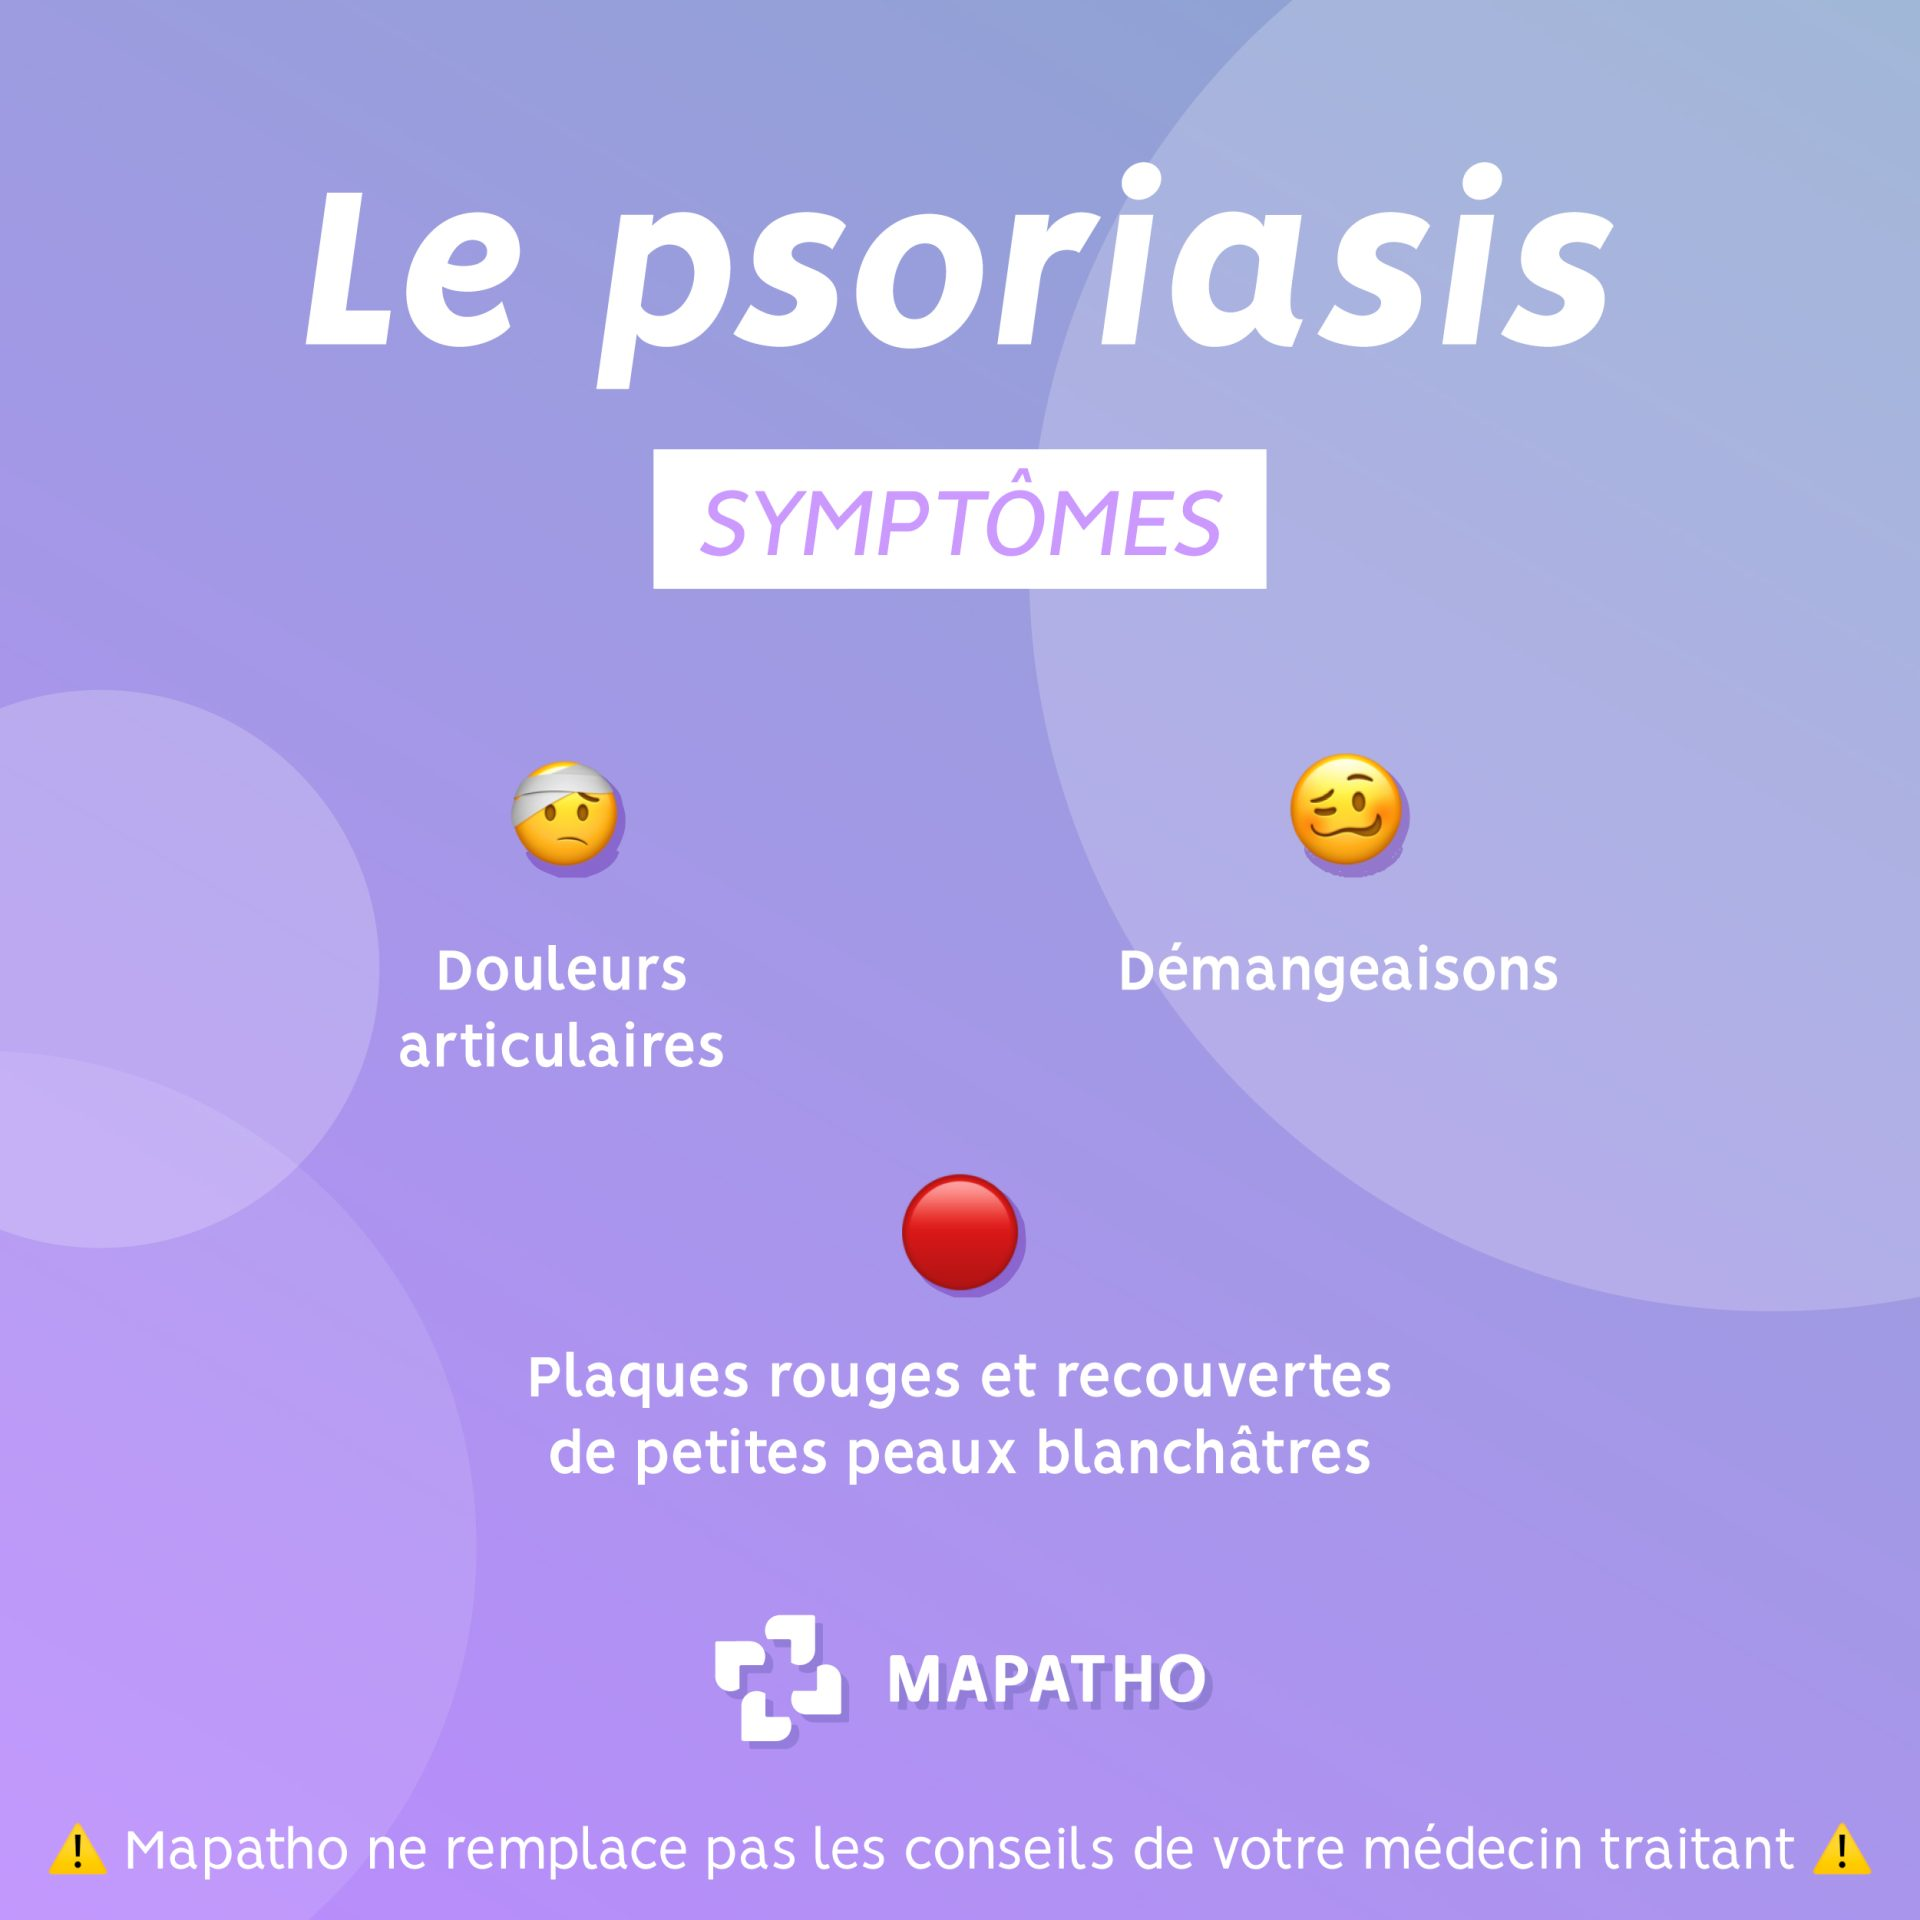 Les symptomes du psoriasis